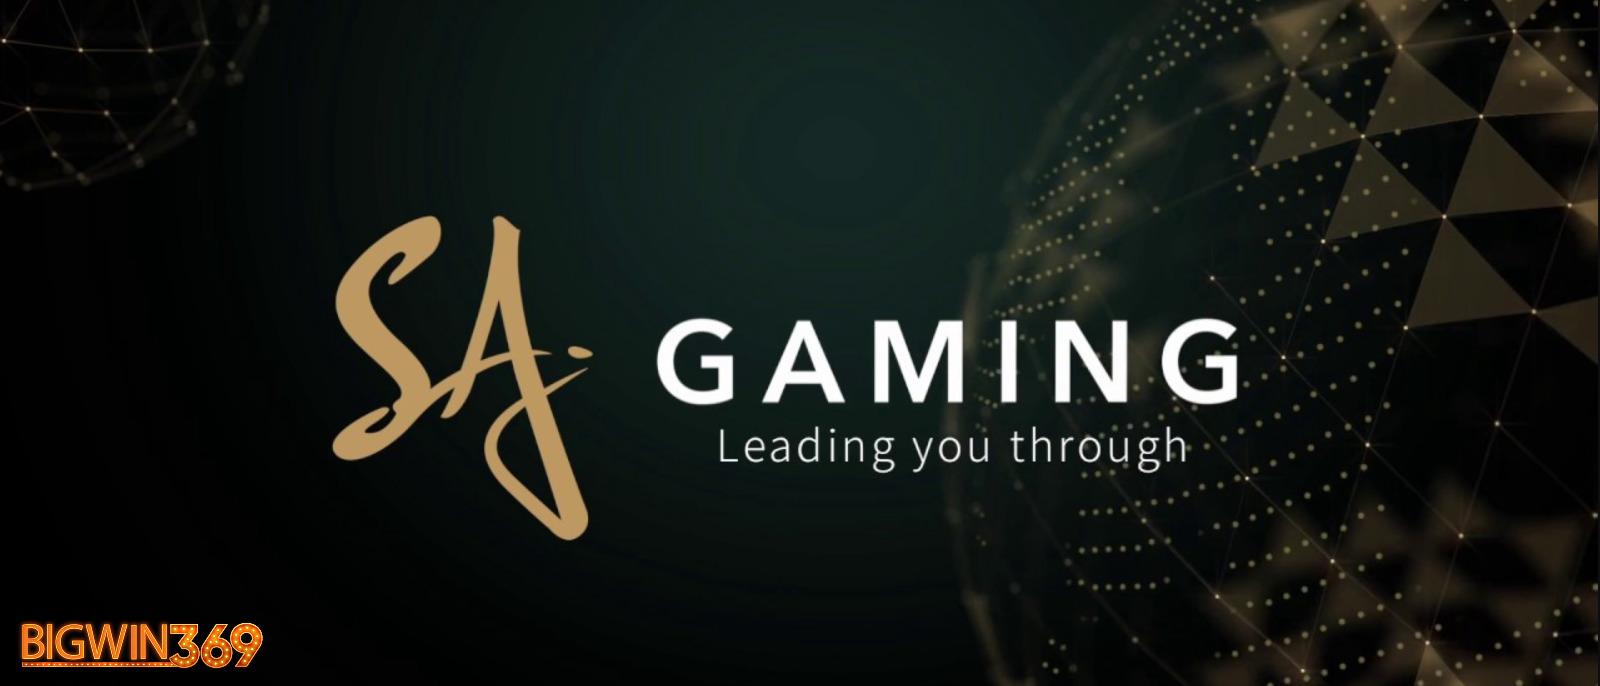 SA gaming bigwin369